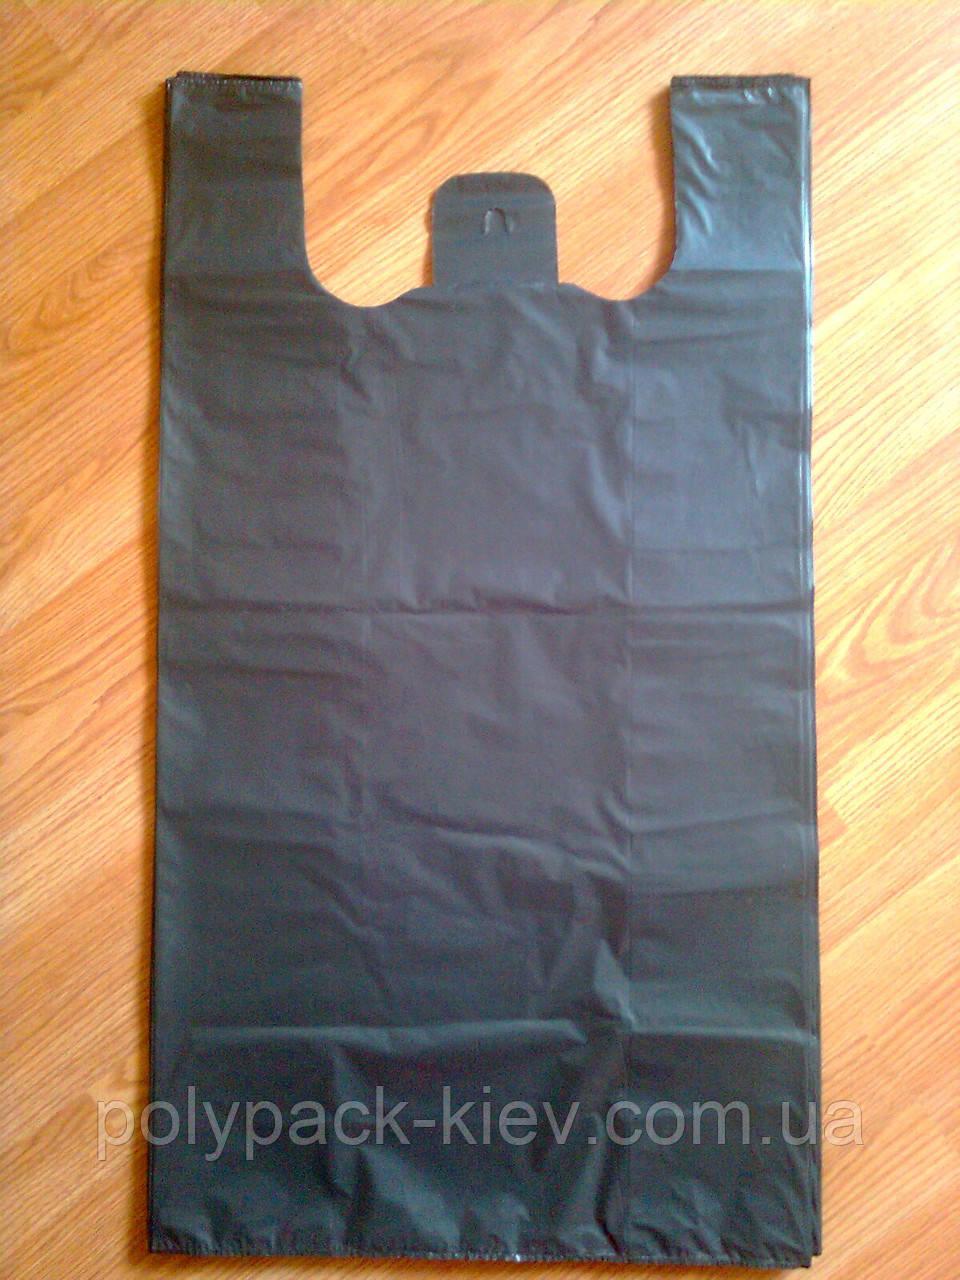 Полиэтиленовые пакеты 50-90 см/ 50 шт.уп., пакет майка-багажка тип BMW, плотные прочные от производителя, Киев